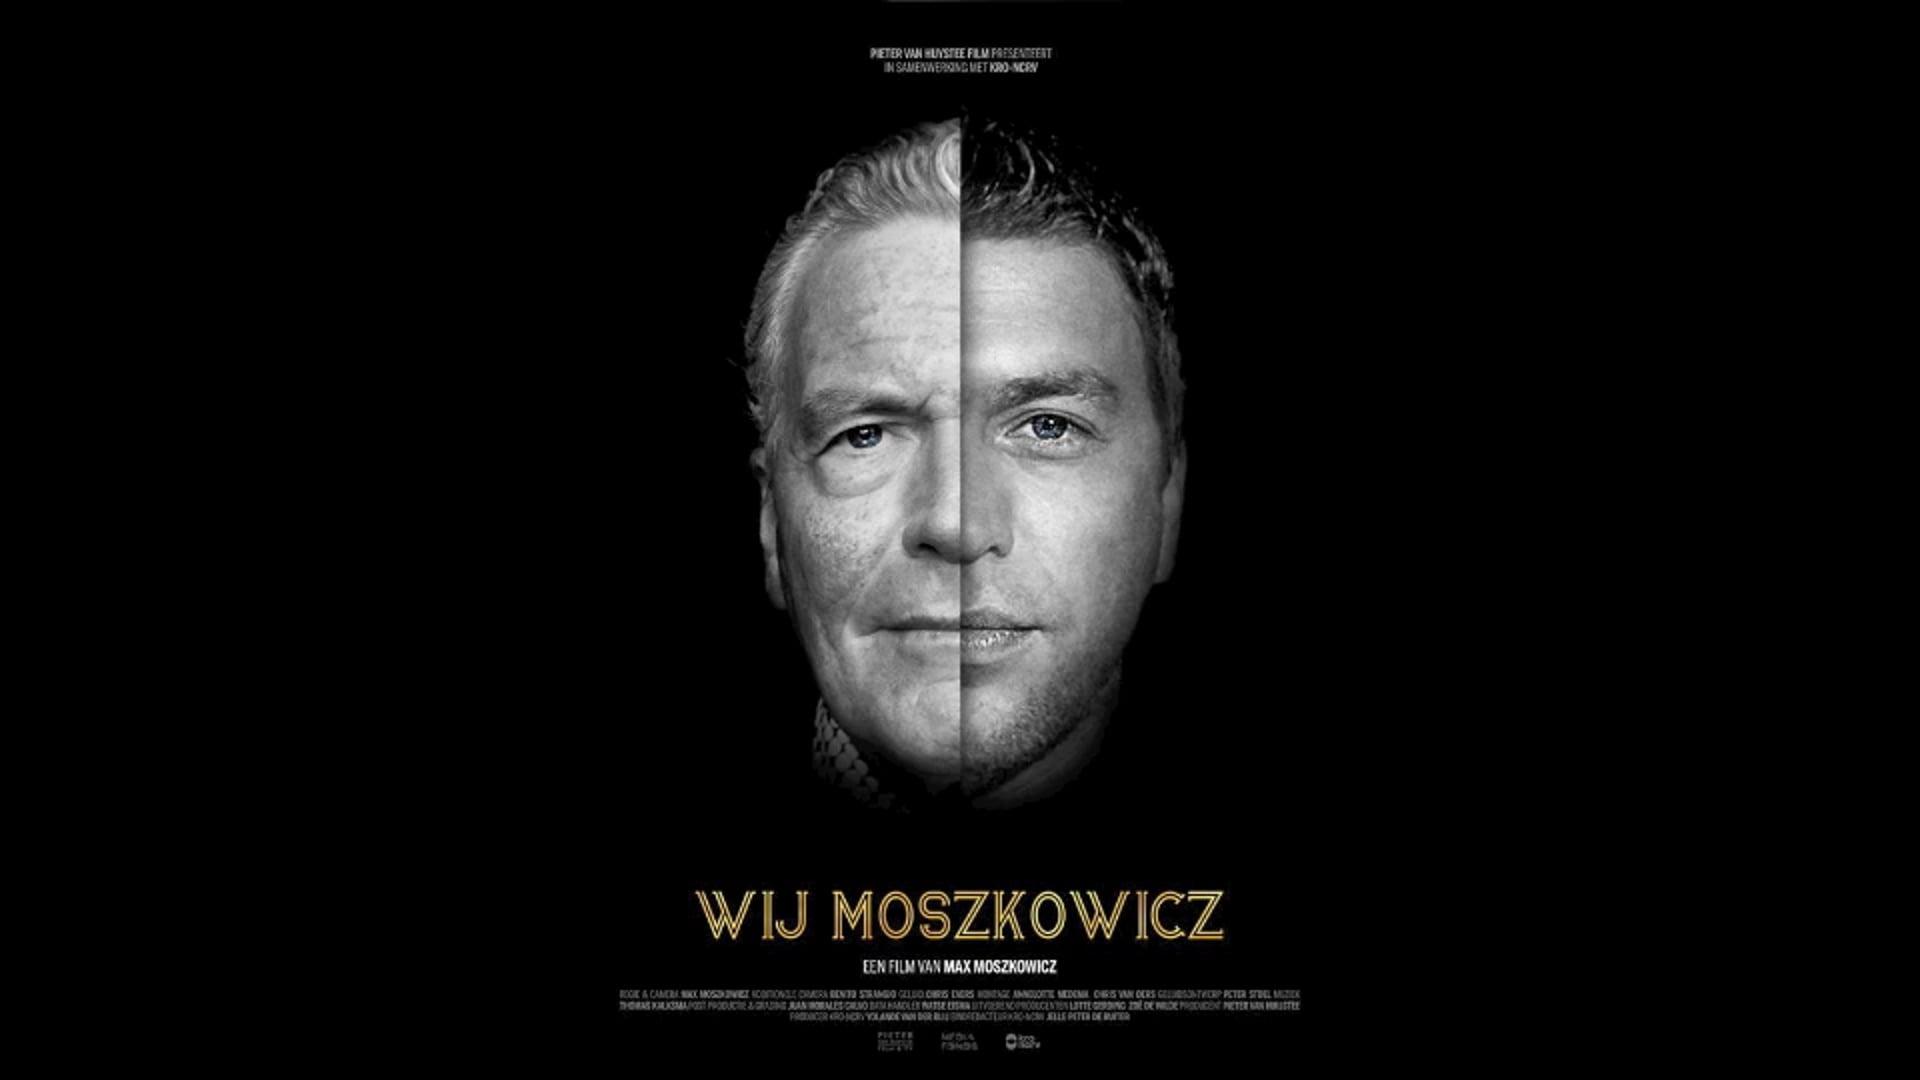 'Wij Moszkowicz' Title Track